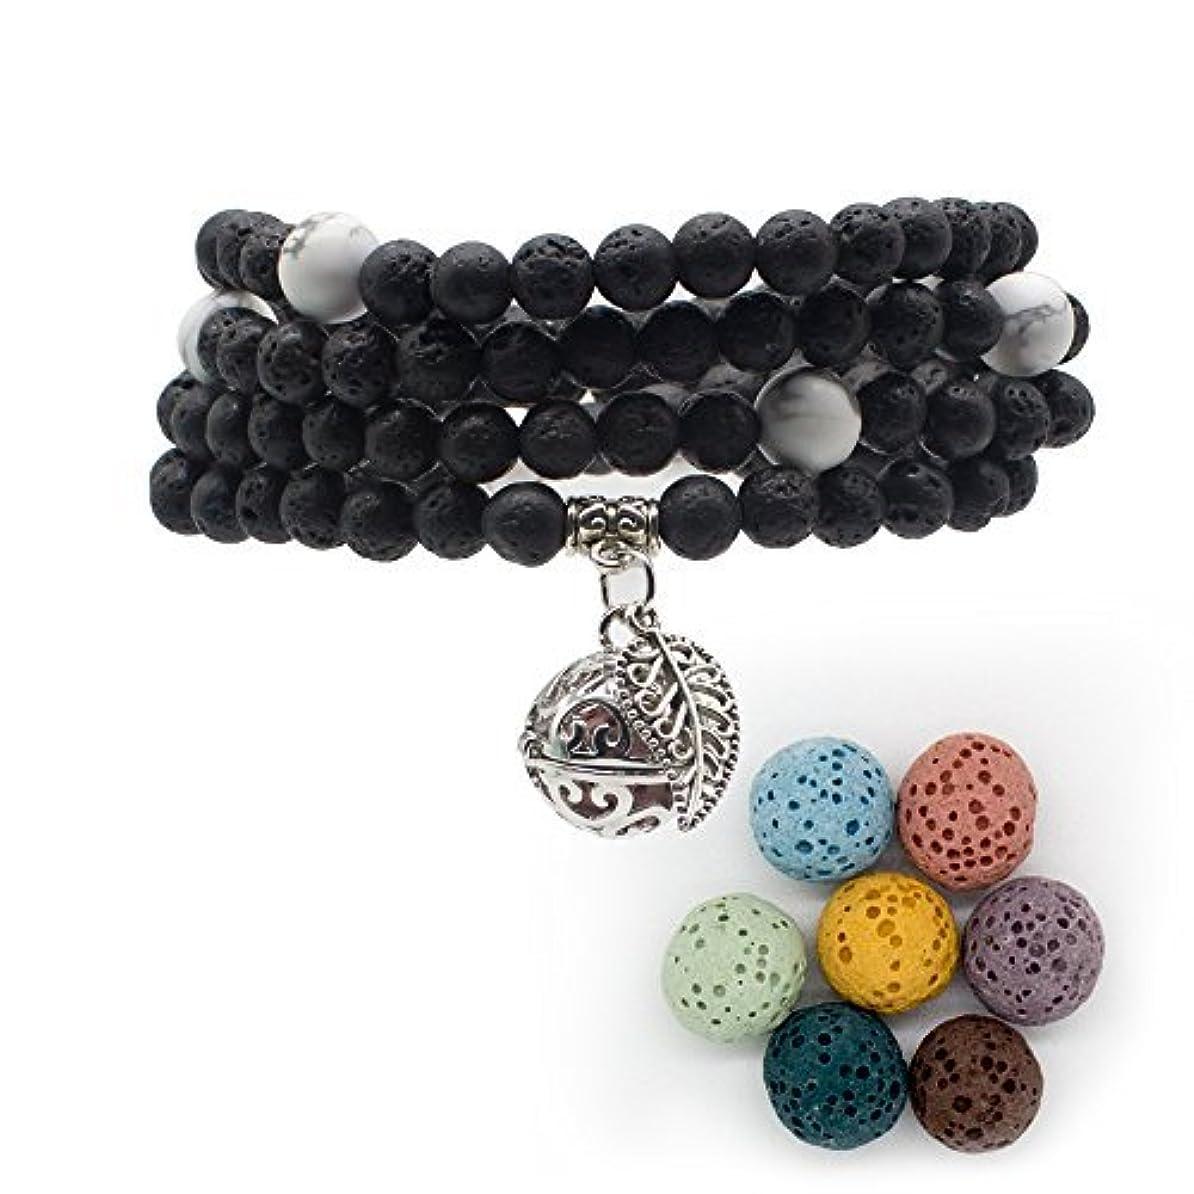 苦味郡それぞれbivei Lava Stone Diffuserブレスレット – 108 Buddhist Mala祈りビーズロケットペンダントネックレス – 瞑想、クリスタルHealing